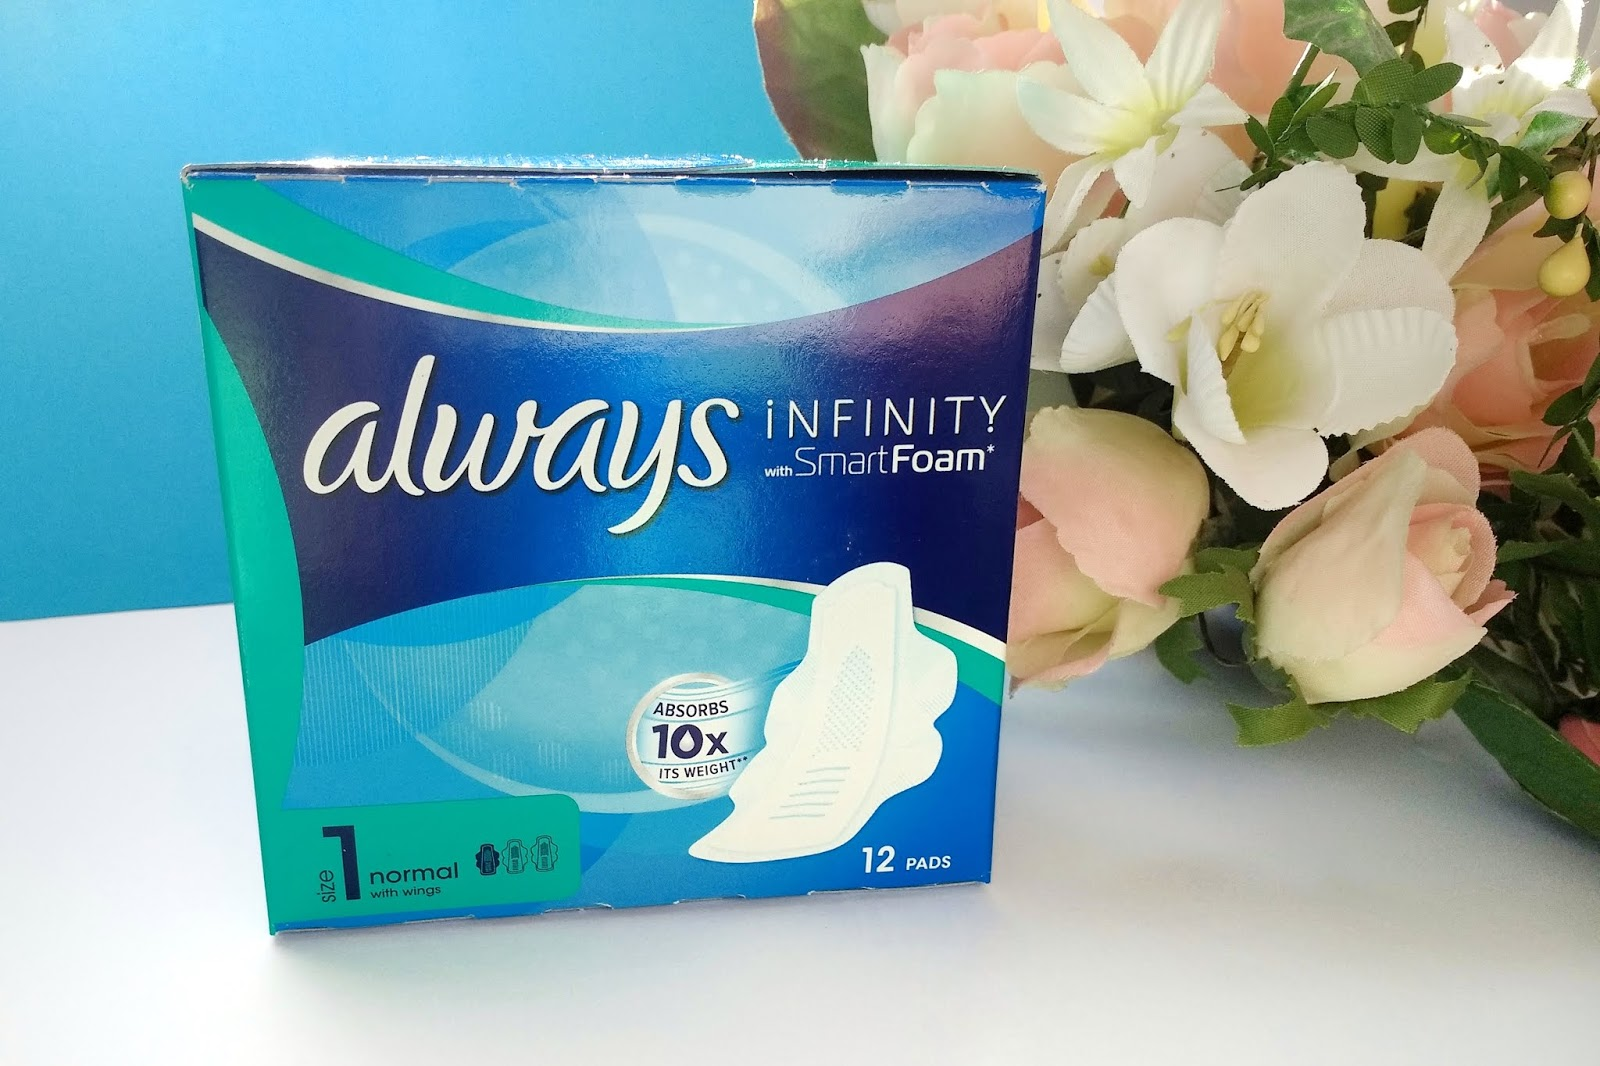 Podpaski Always Infinity | Krótka recenzja i moje spostrzeżenia